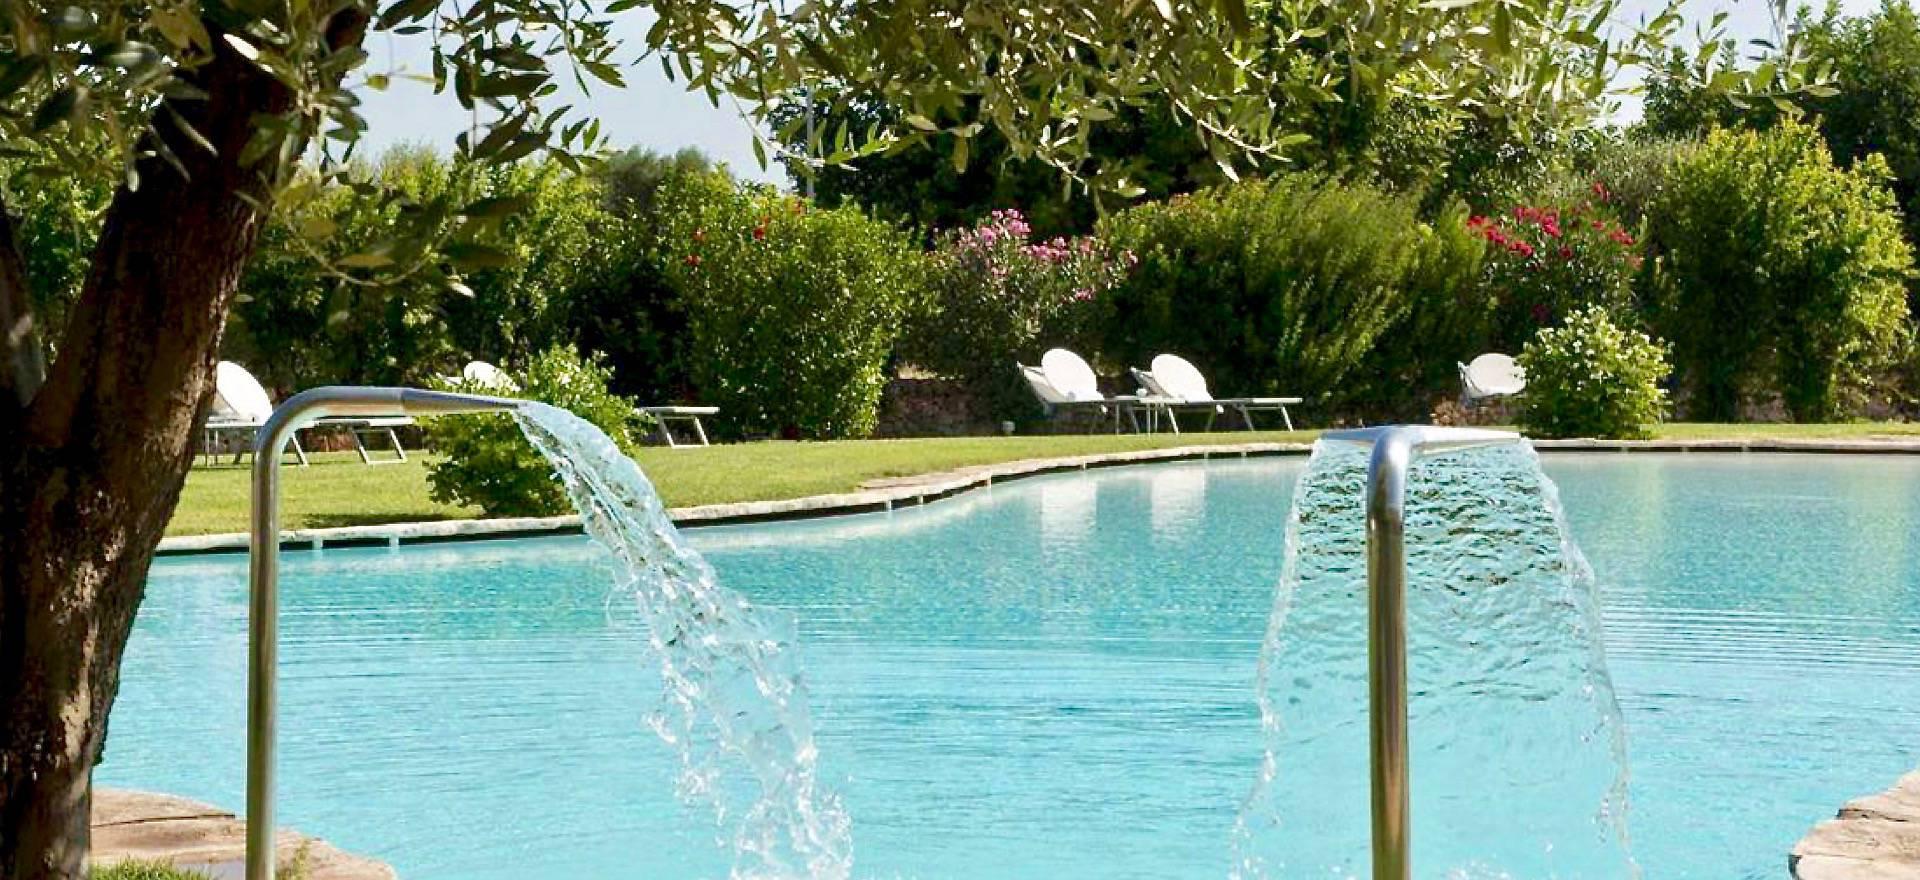 Agriturismo Puglia Luxury agriturismo with large pool, near the sea